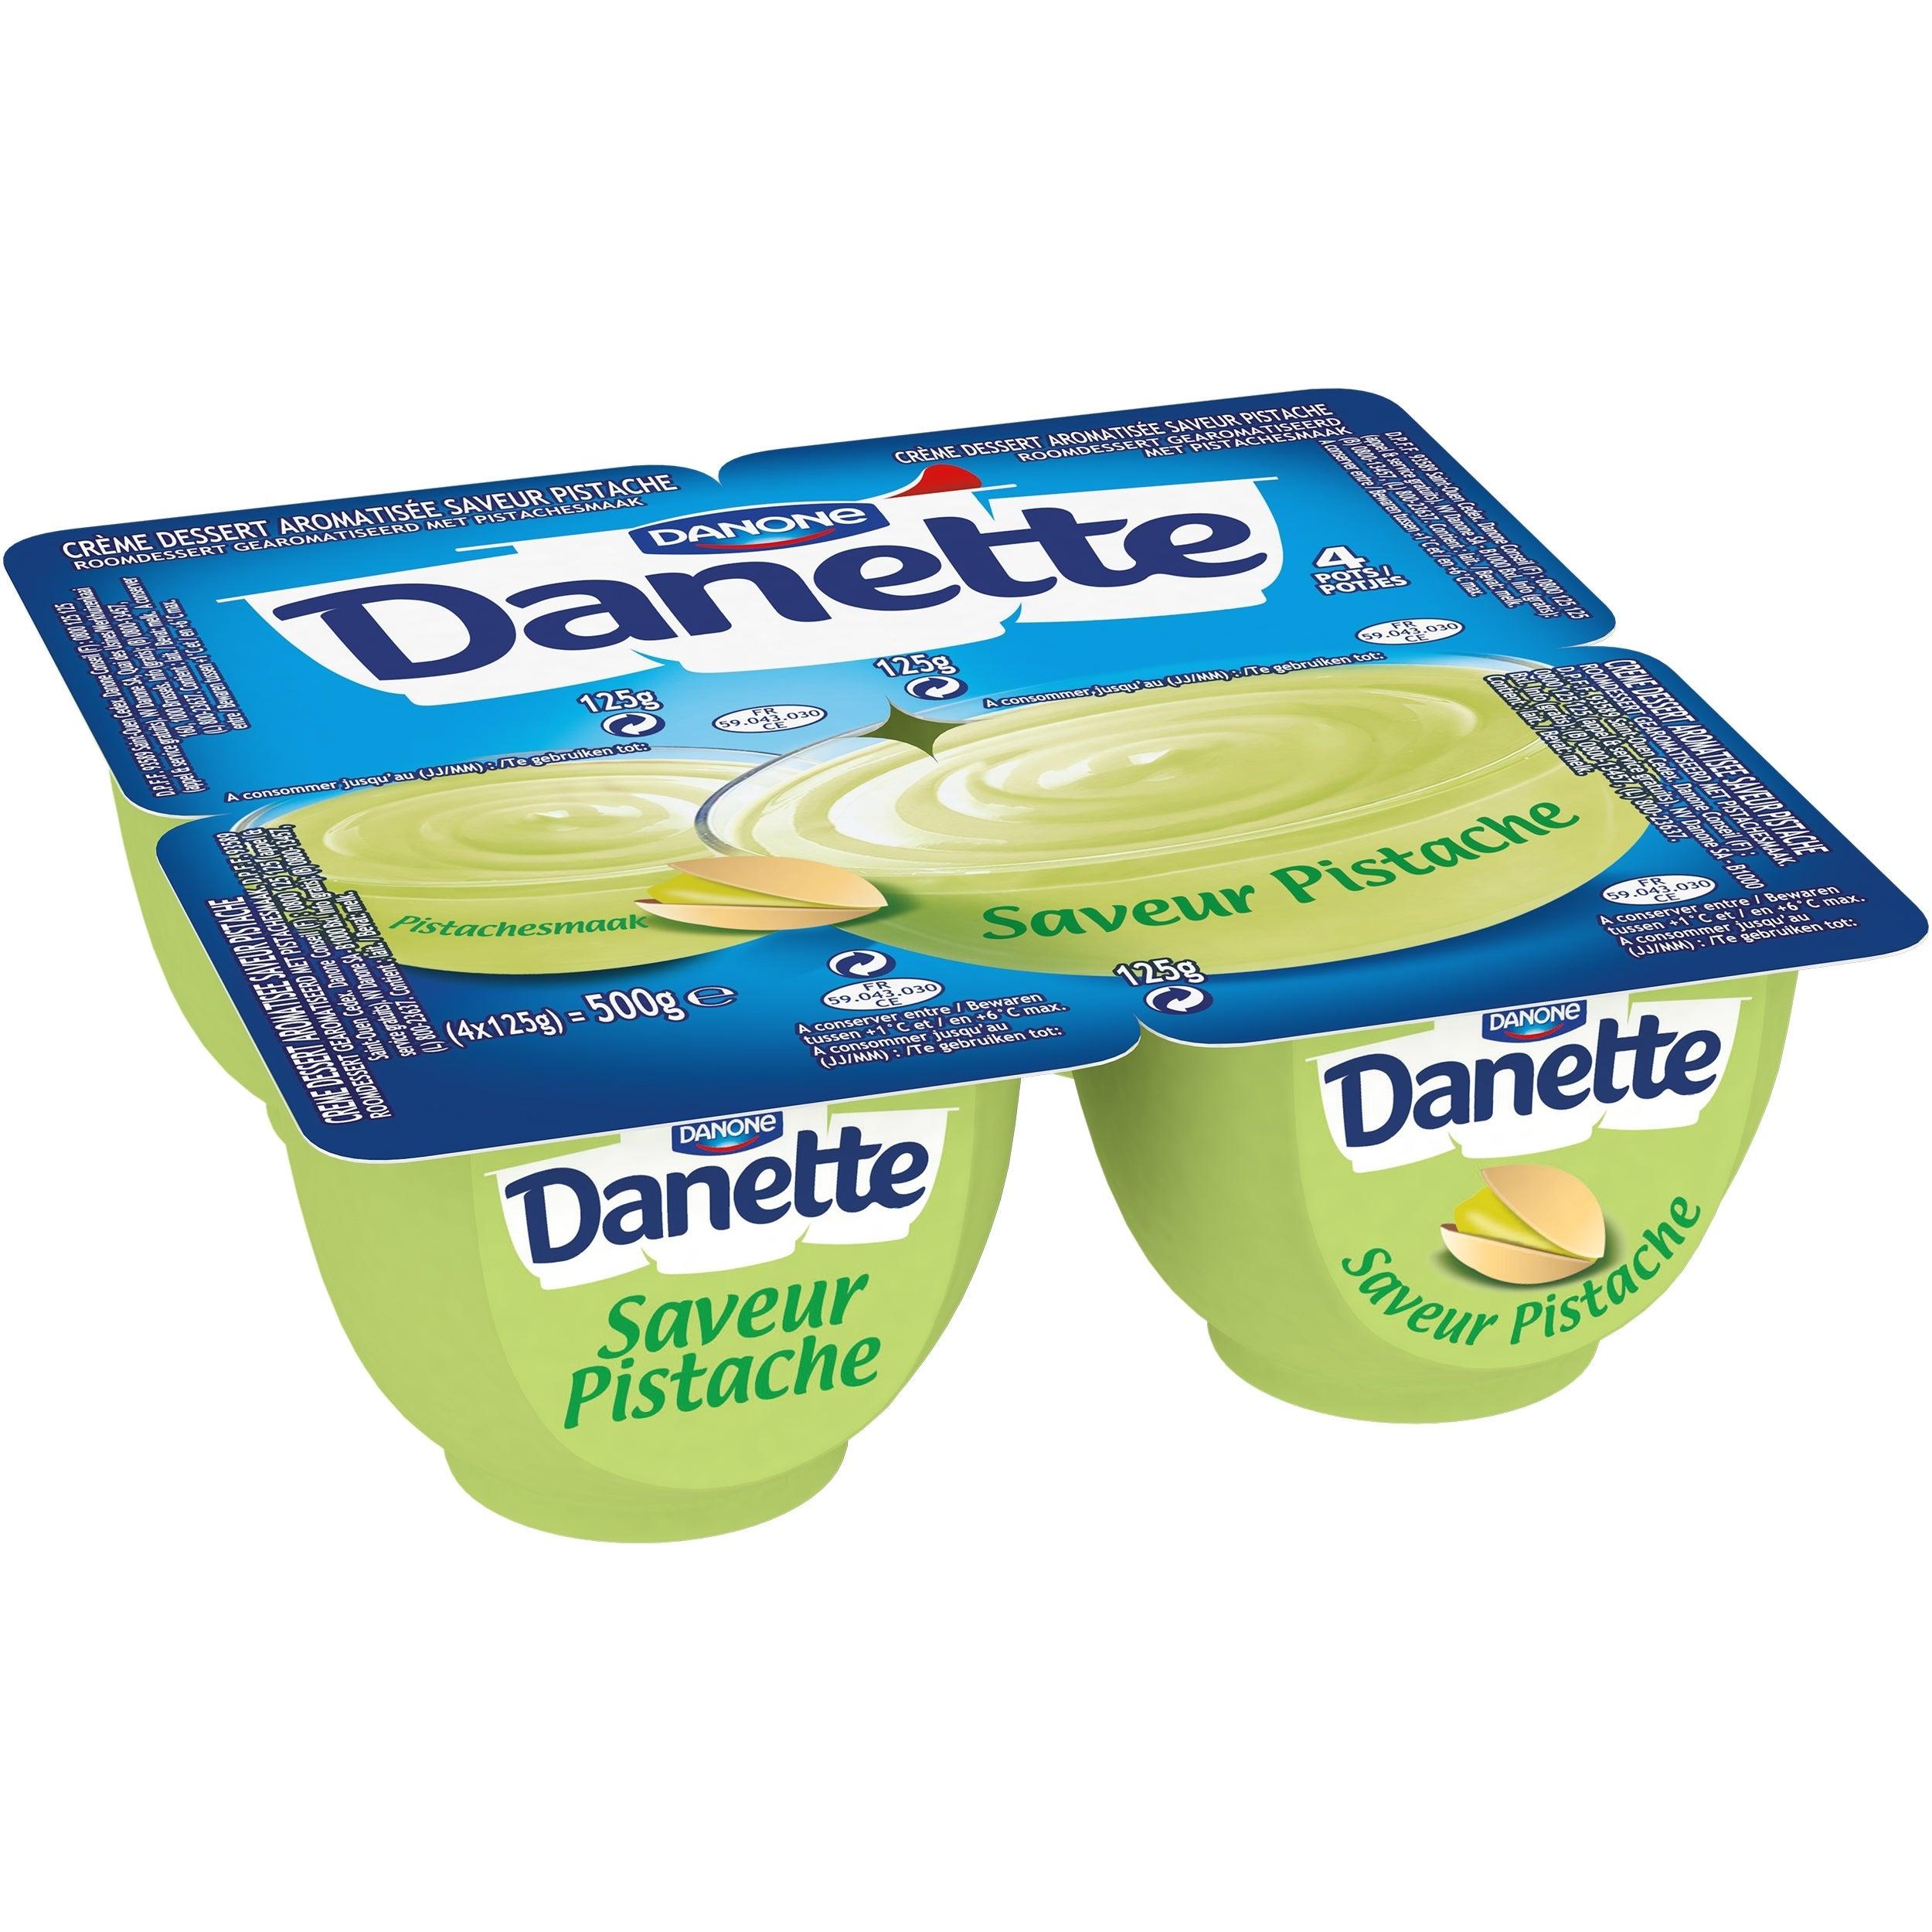 Danette Pistache 4x125g